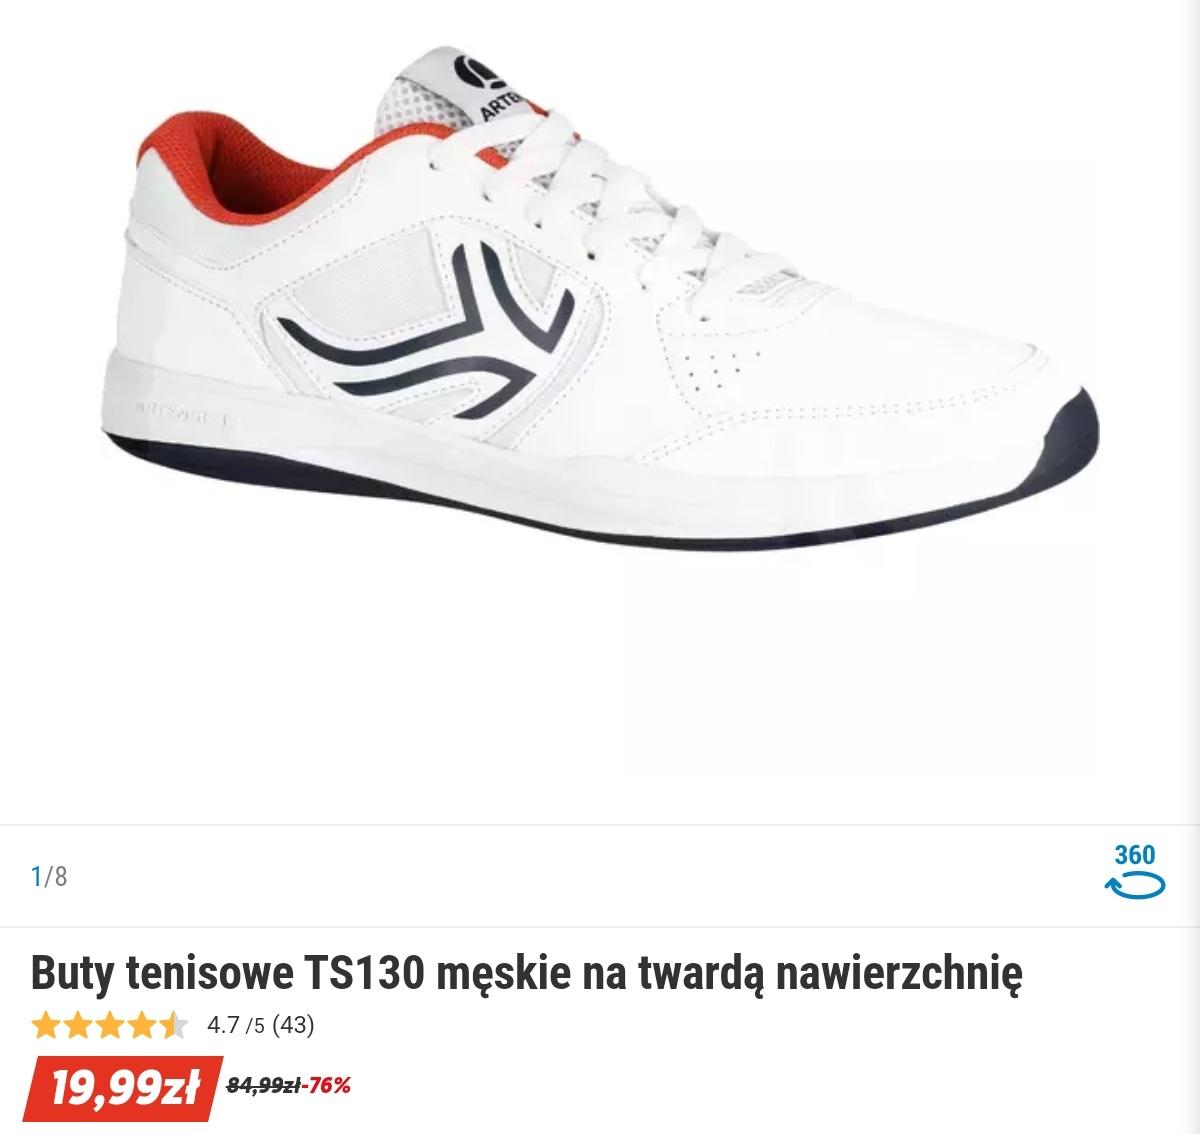 Buty tenisowe TS130 męskie na twardą nawierzchnię Rozmiar 48 oraz dostępność mniejszych w sklepach